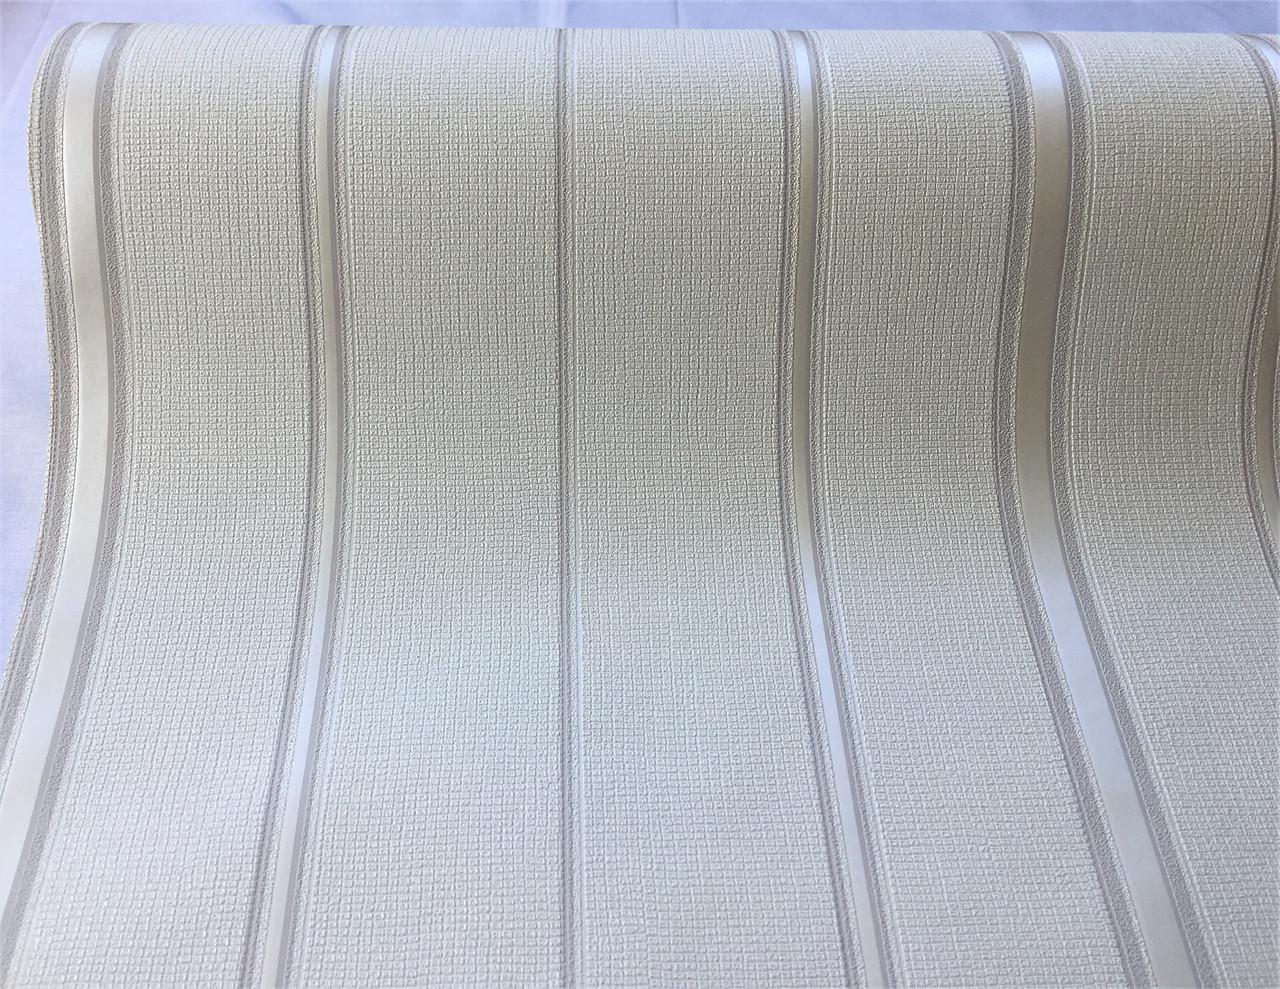 Белые немецкие обои 600325 с тонкими фактурными перламутровыми металлизированными полосками на матовом фоне